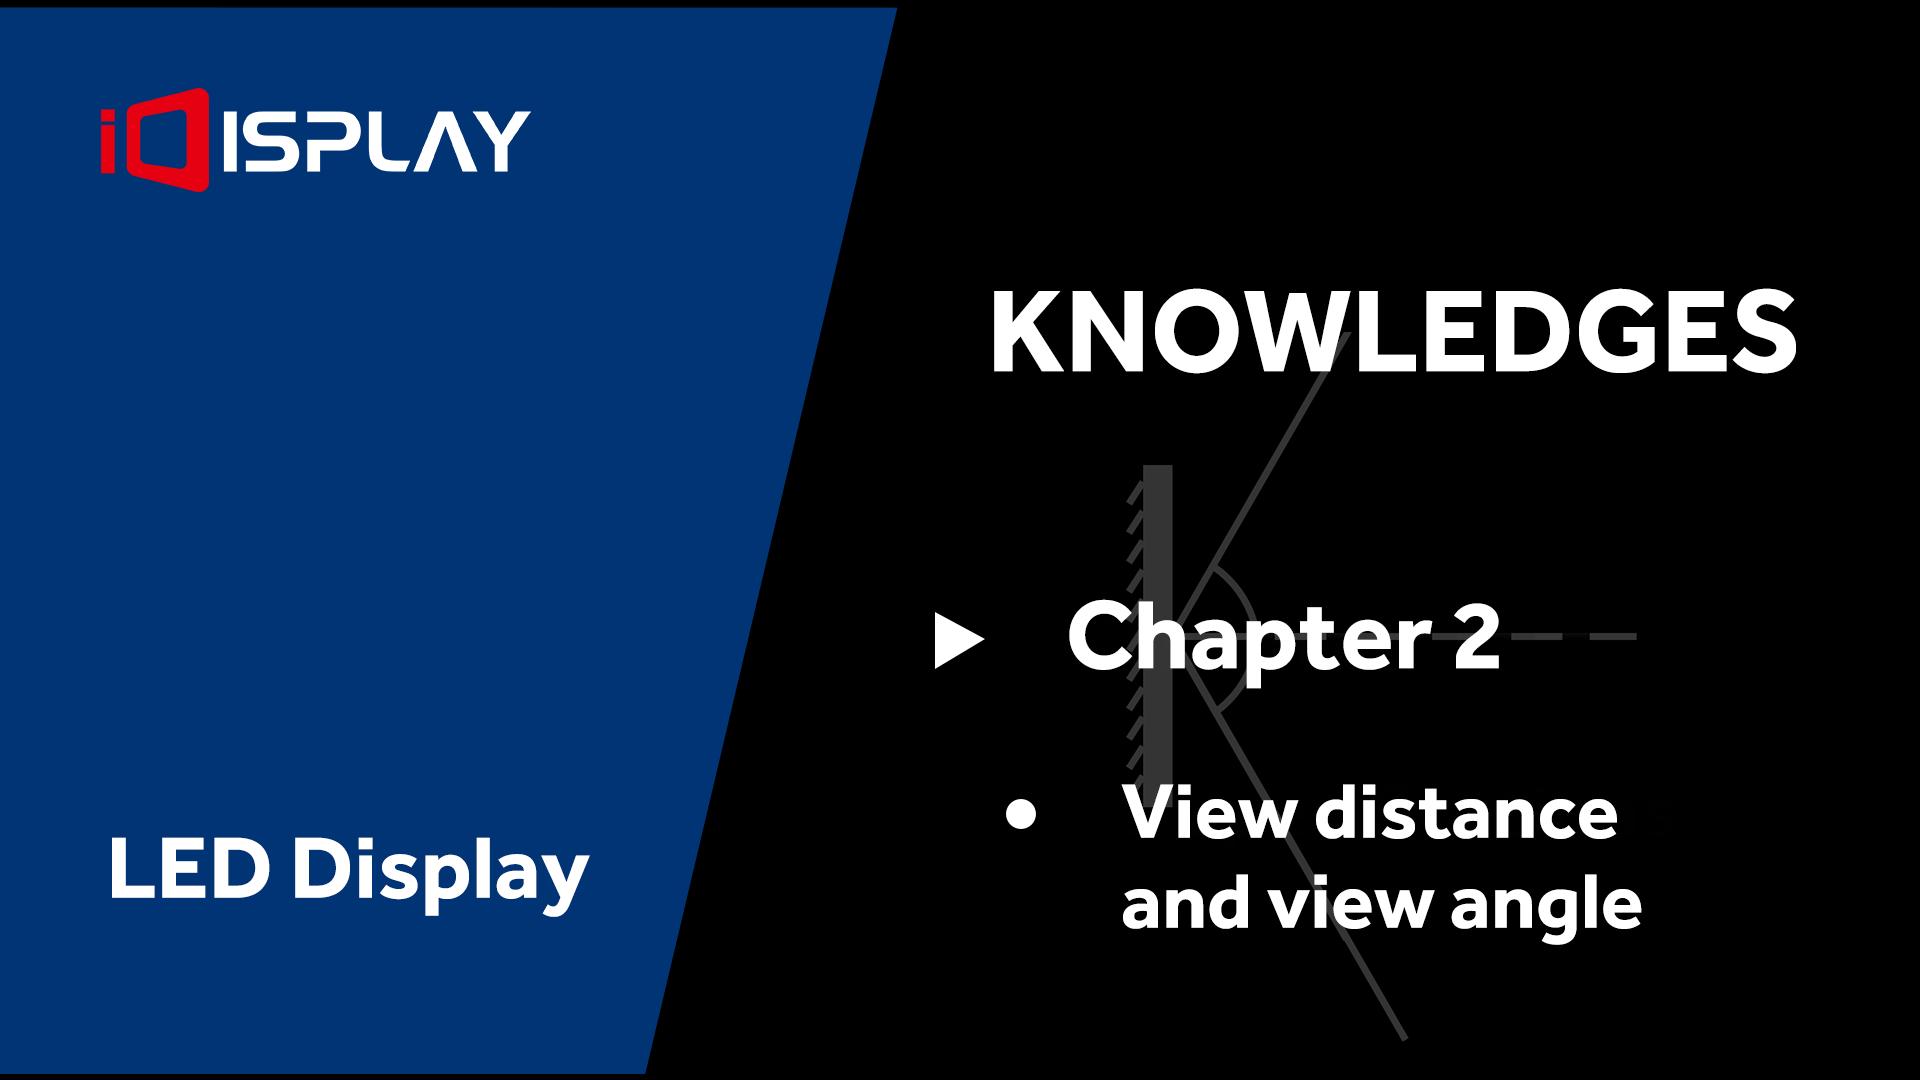 Led ekran temel bilgileri - Bölüm 2 görüntülenen mesafeyi ve görüş açısını görüntüle